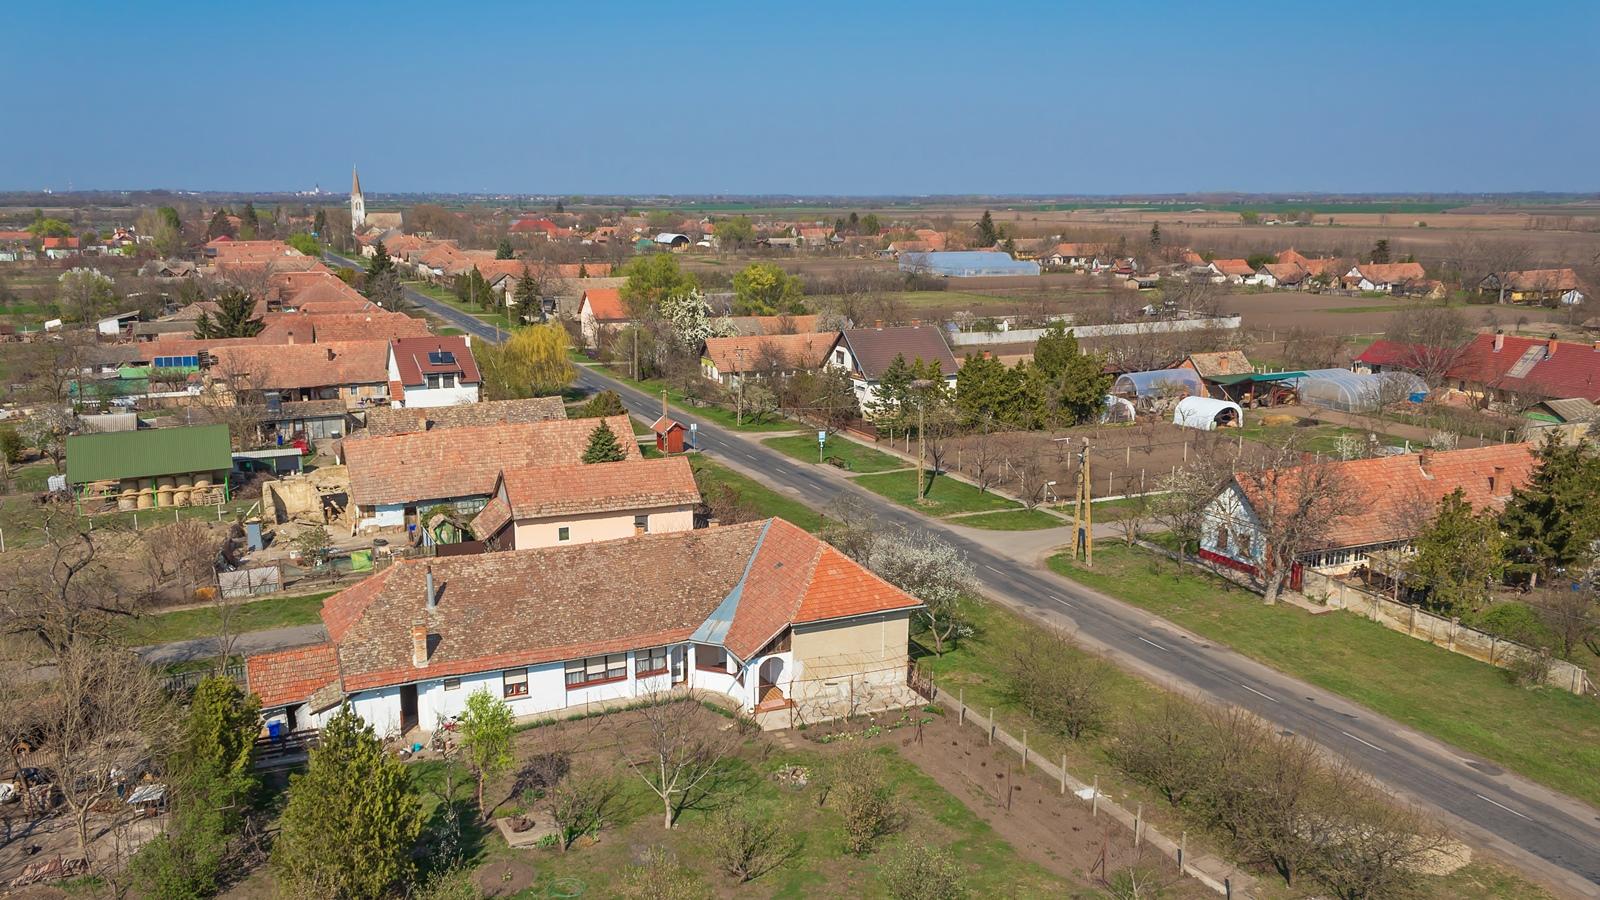 A csongrádi falu, ami nevet akar változtatni